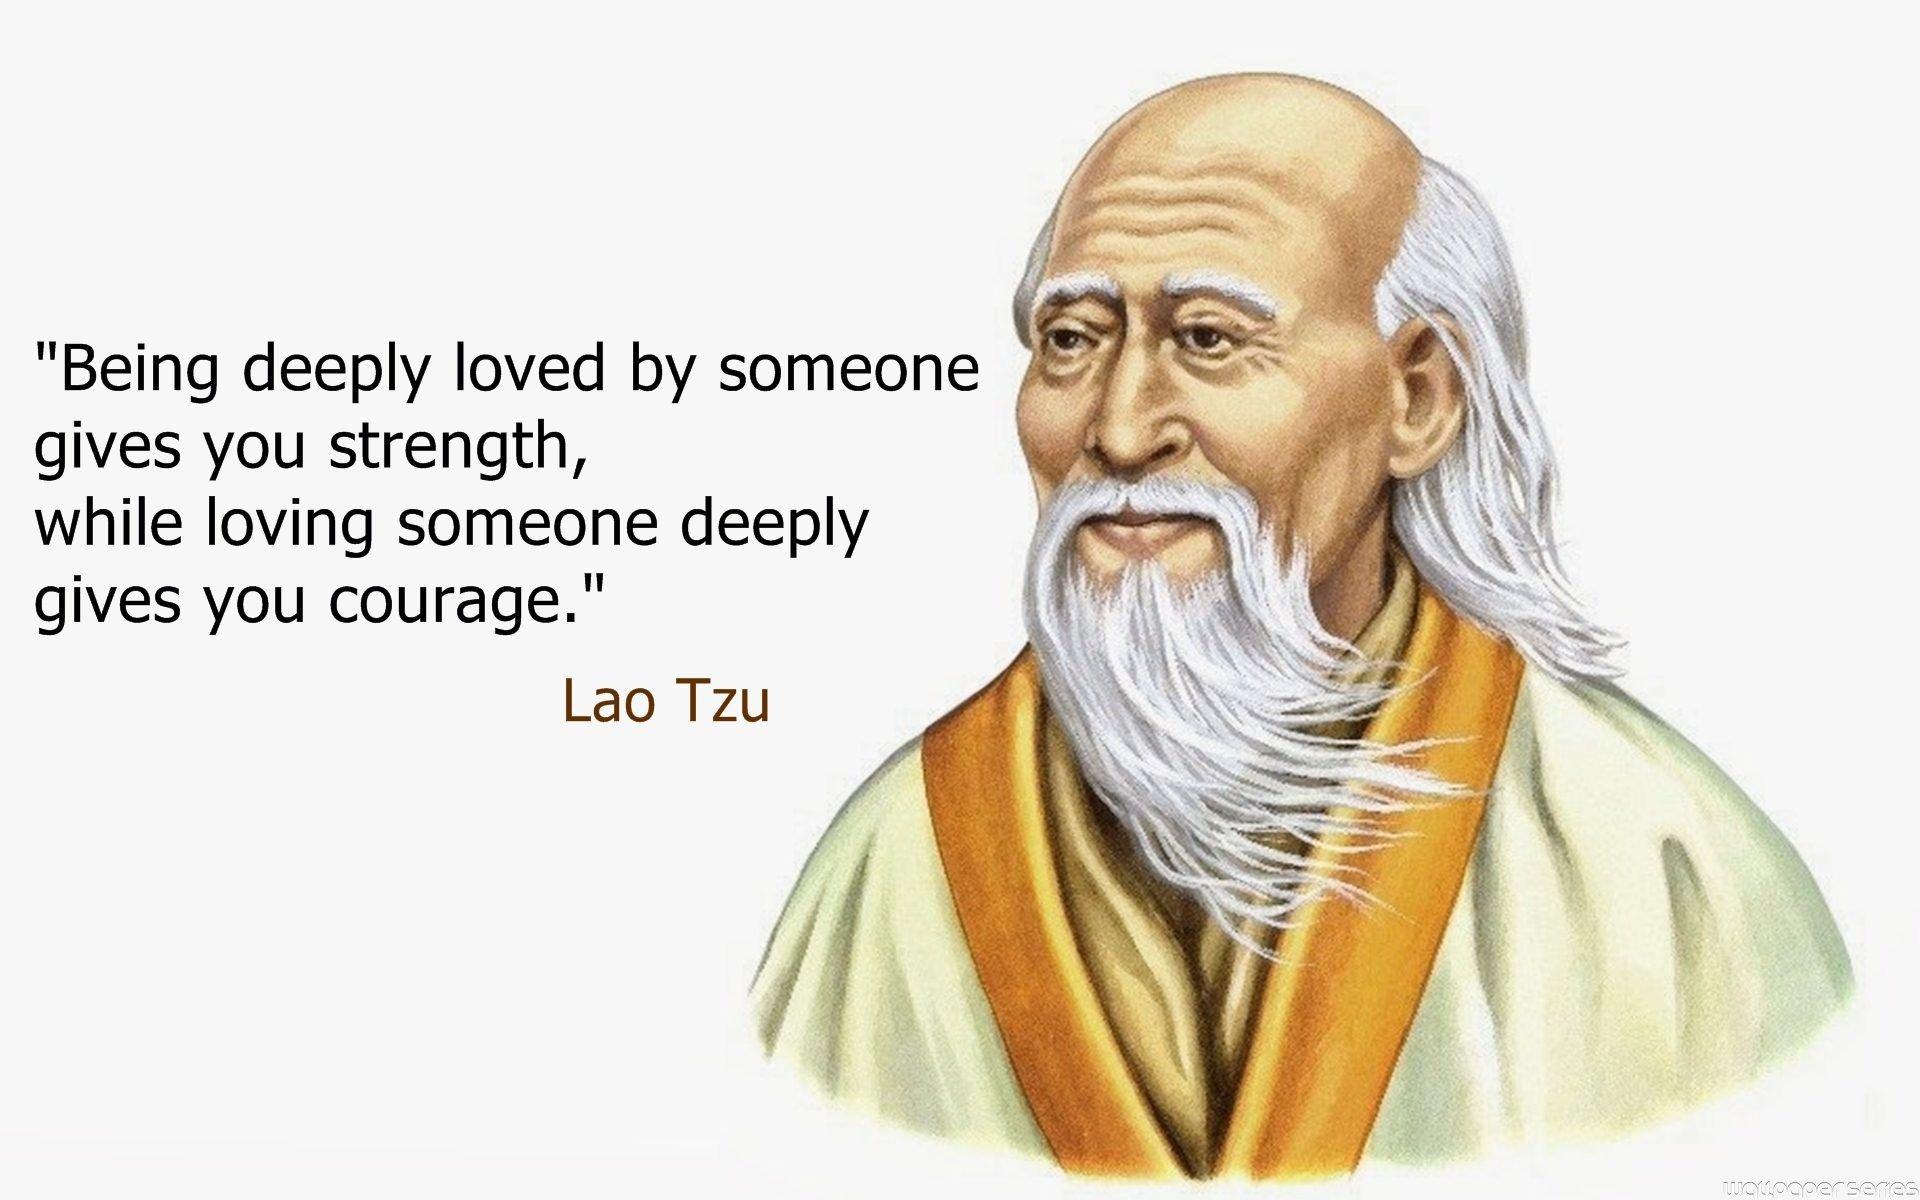 Lao Tzu Confucius Buddha Quotes Quotesgram